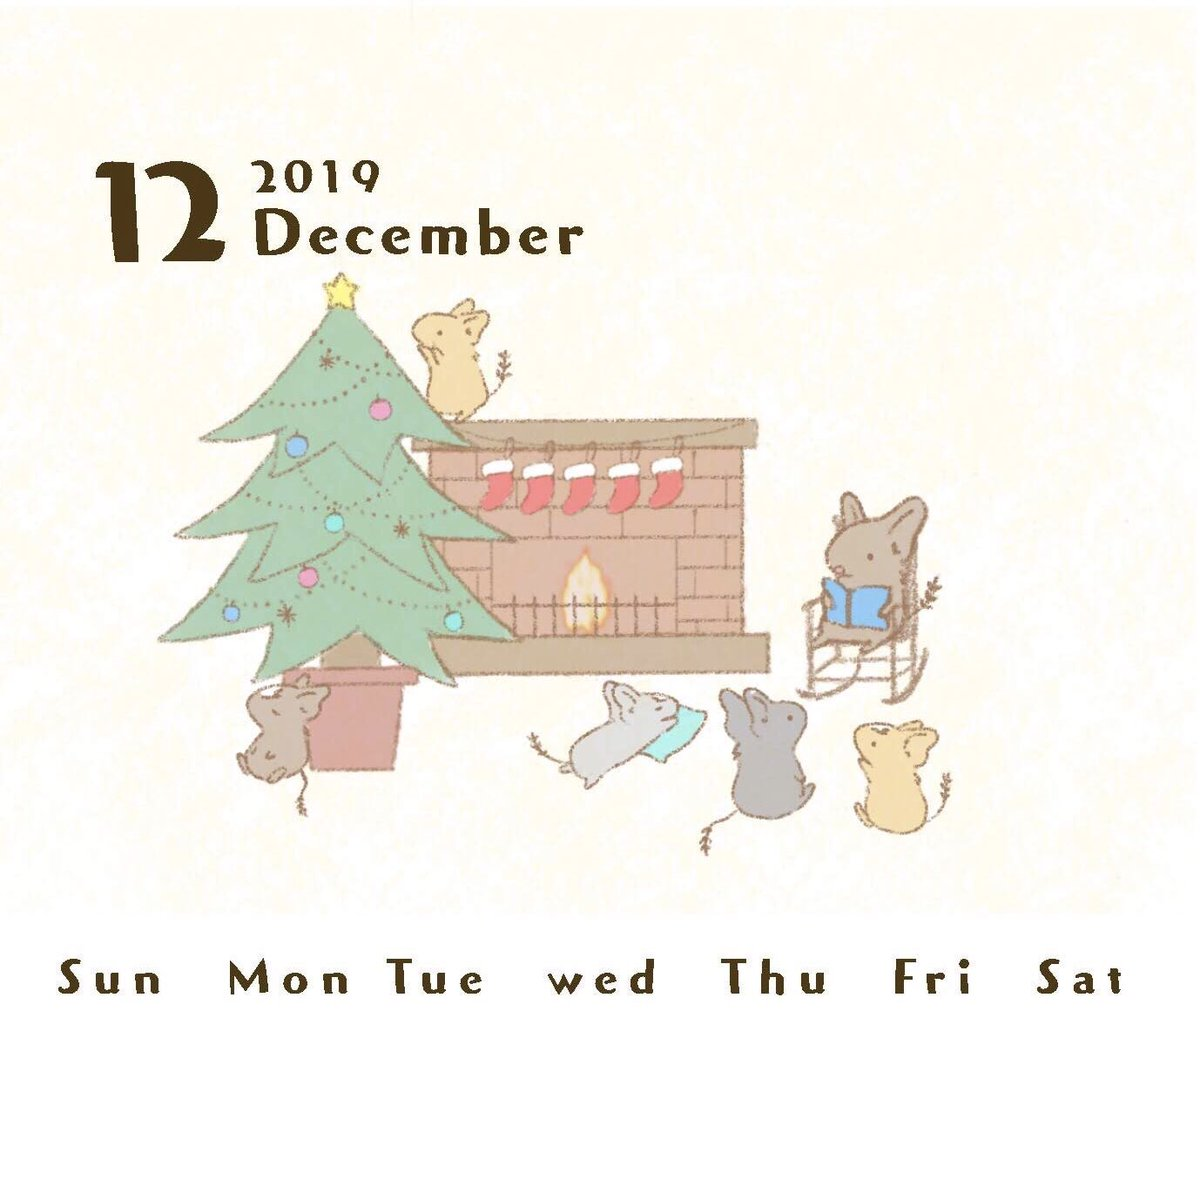 𝕟𝕒𝕟𝕒𝕟𝕠 10 11 高円寺cream委託参加中 على تويتر 12月カレンダーイラスト なんとかカレンダーの イラストは ほぼ完成 ˊᵕˋ 日付入れは神経使うからまた明日 デグー デグーカレンダー デグーイラスト